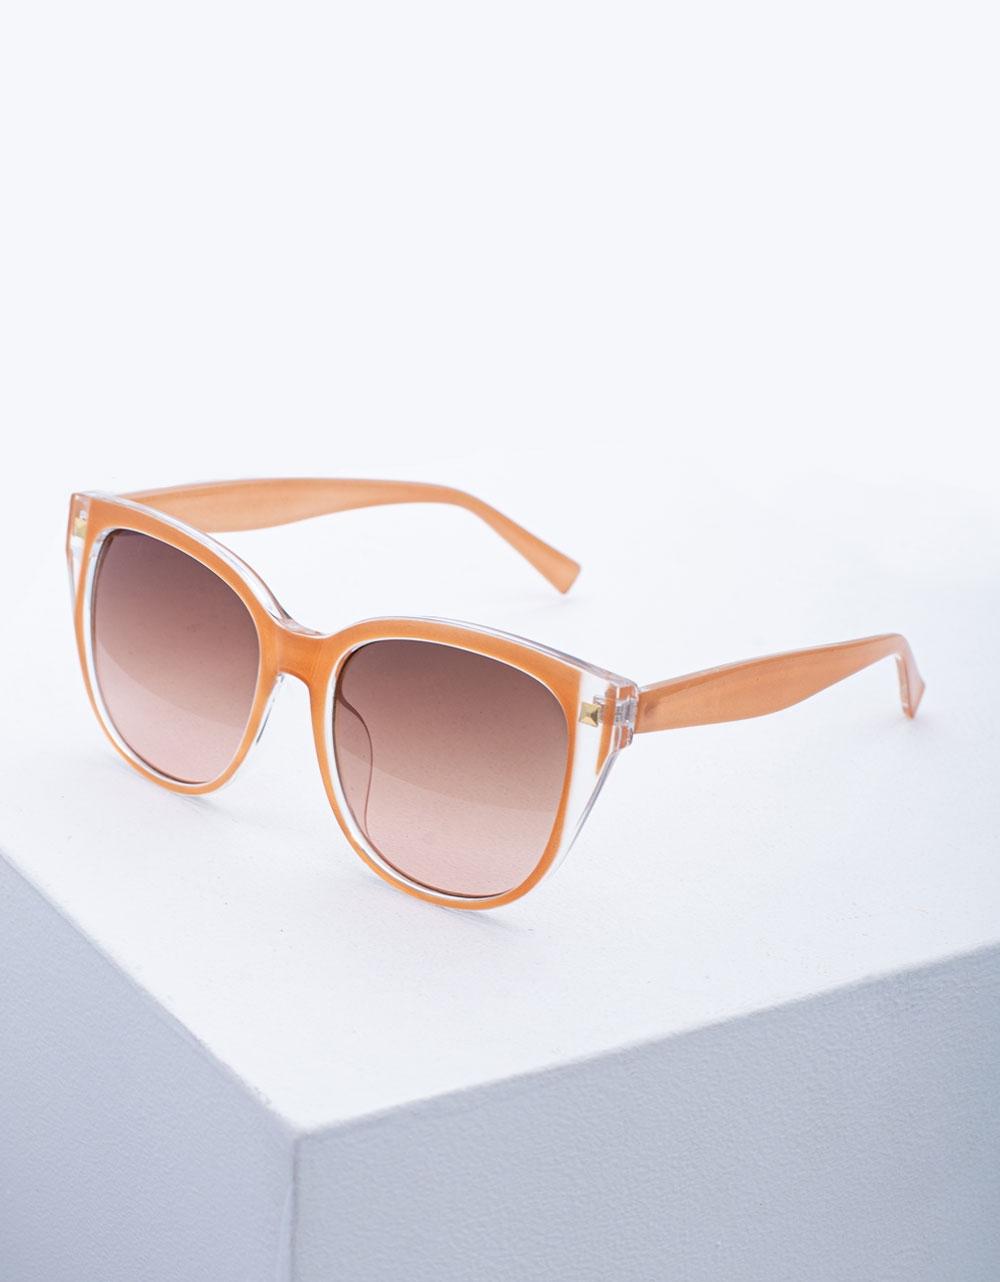 Εικόνα από Γυναικεία γυαλιά ηλίου σε στρογγυλό σχήμα Σομόν